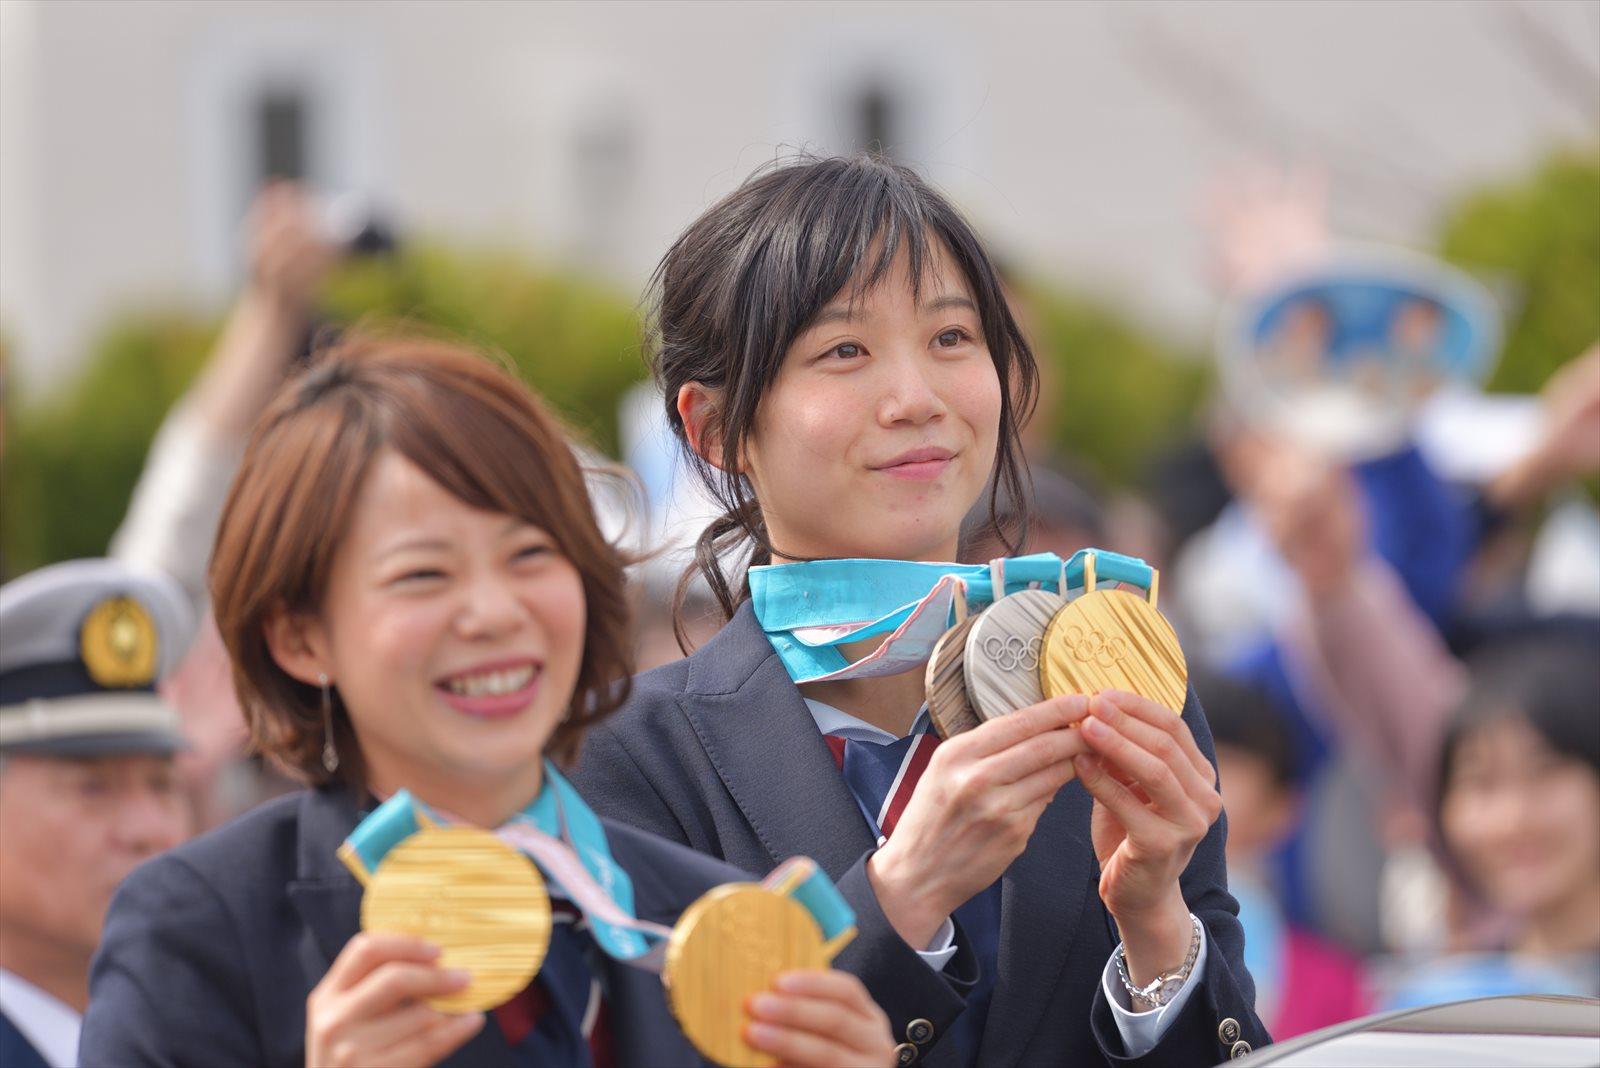 【幕別町】高木姉妹のパレードを見てきました。_a0145819_21505245.jpg